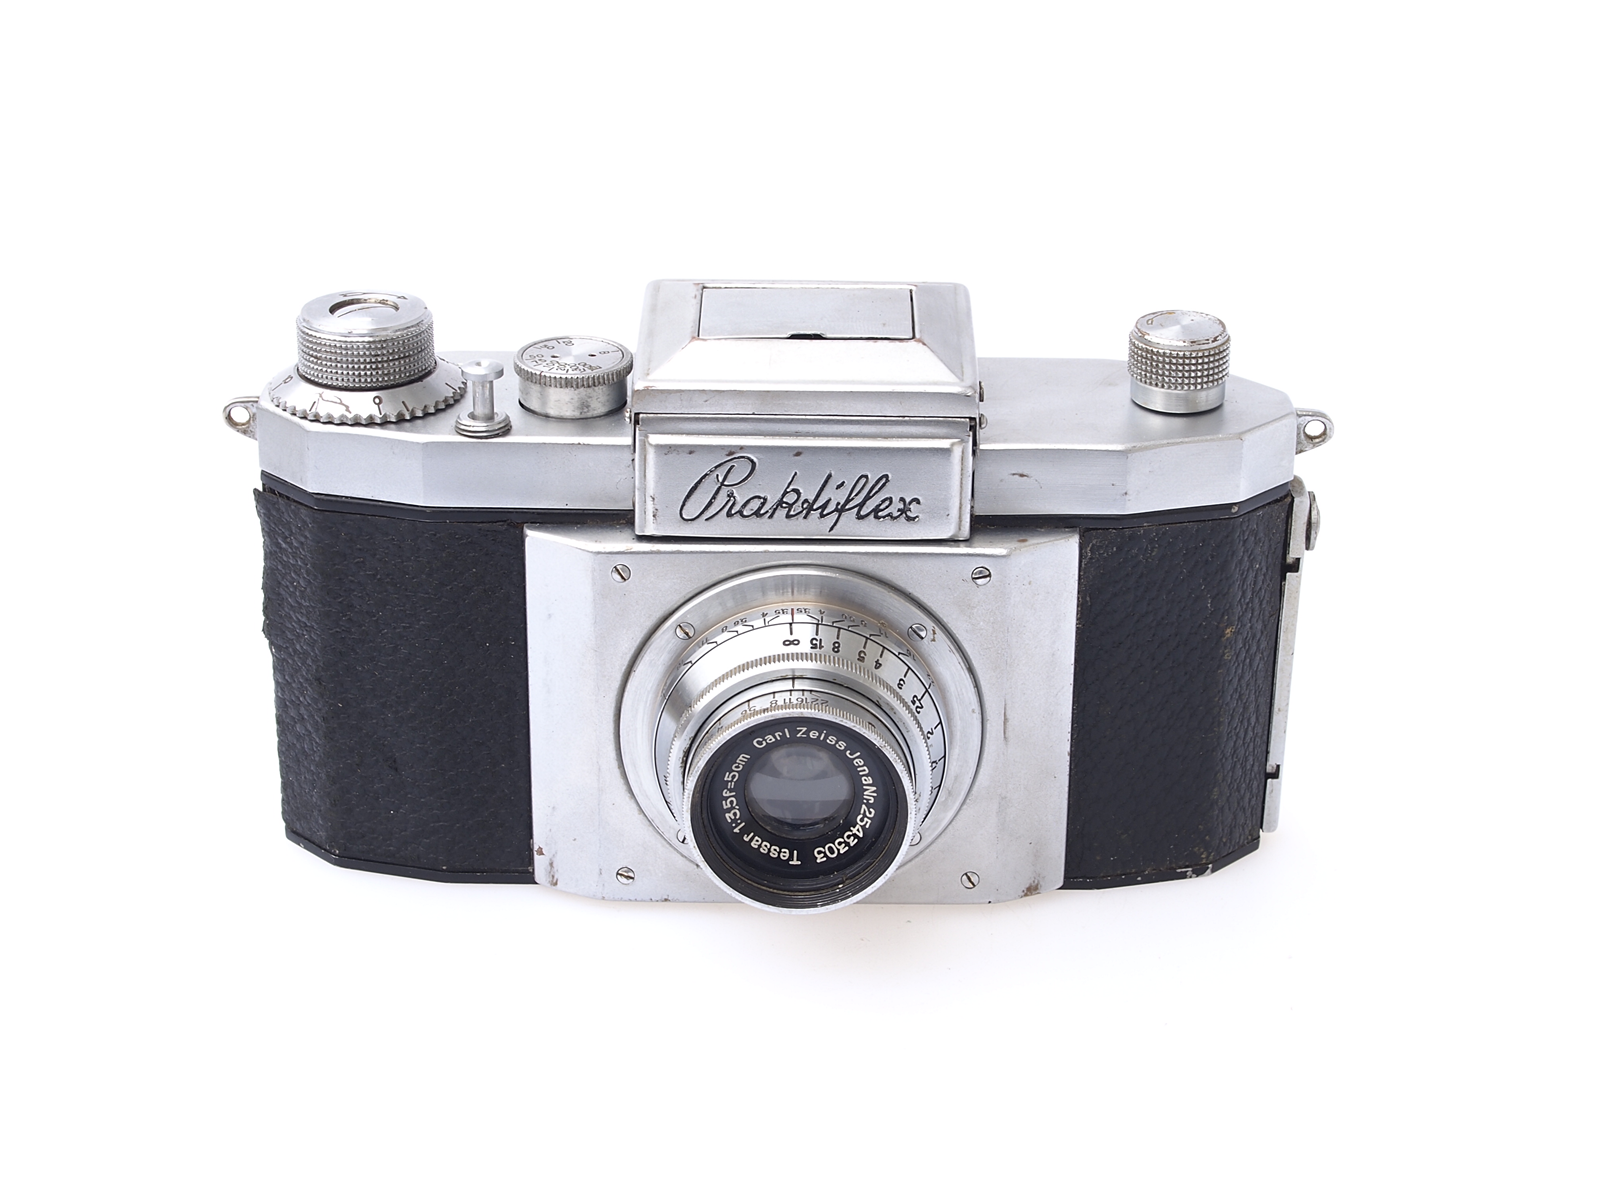 Praktiflex (Deutschland, 1939-1946)